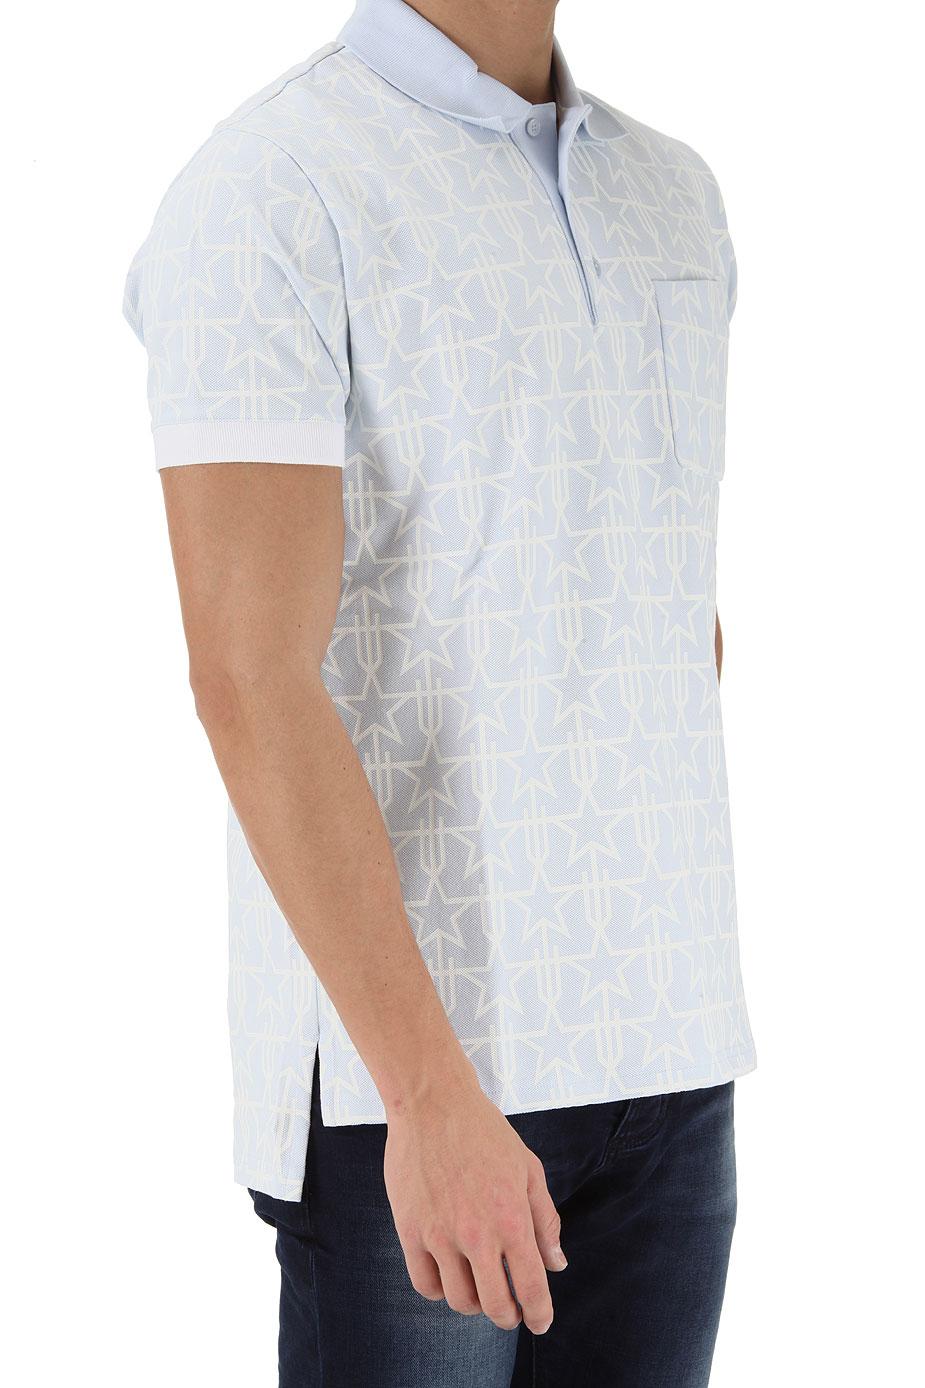 Abbigliamento Uomo Givenchy, Codice Articolo: 16j7381816-413-